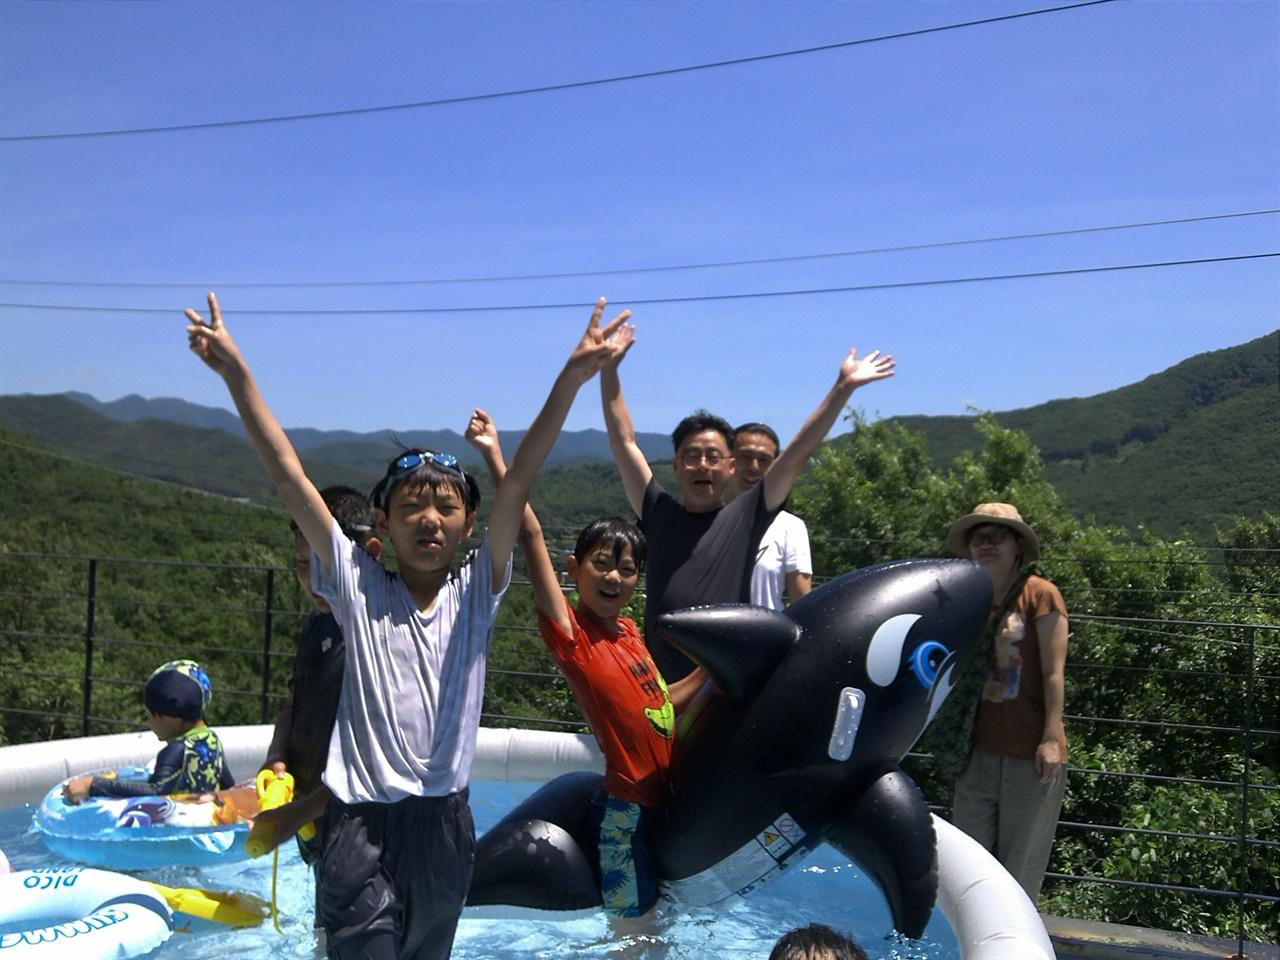 마을 공동공간에 만든 수영장에서 노는 아이들.   어른들은 해마다 여름이 되면 아이들이 마음껏 여름을 즐길 수 있게 간이 수영장을 만들어주곤 한다. 아이들은 이 안에서 신나게 여름을 만끽한다. 이게 바로 온 마을이 아이를 키우는 방식 아닐까.